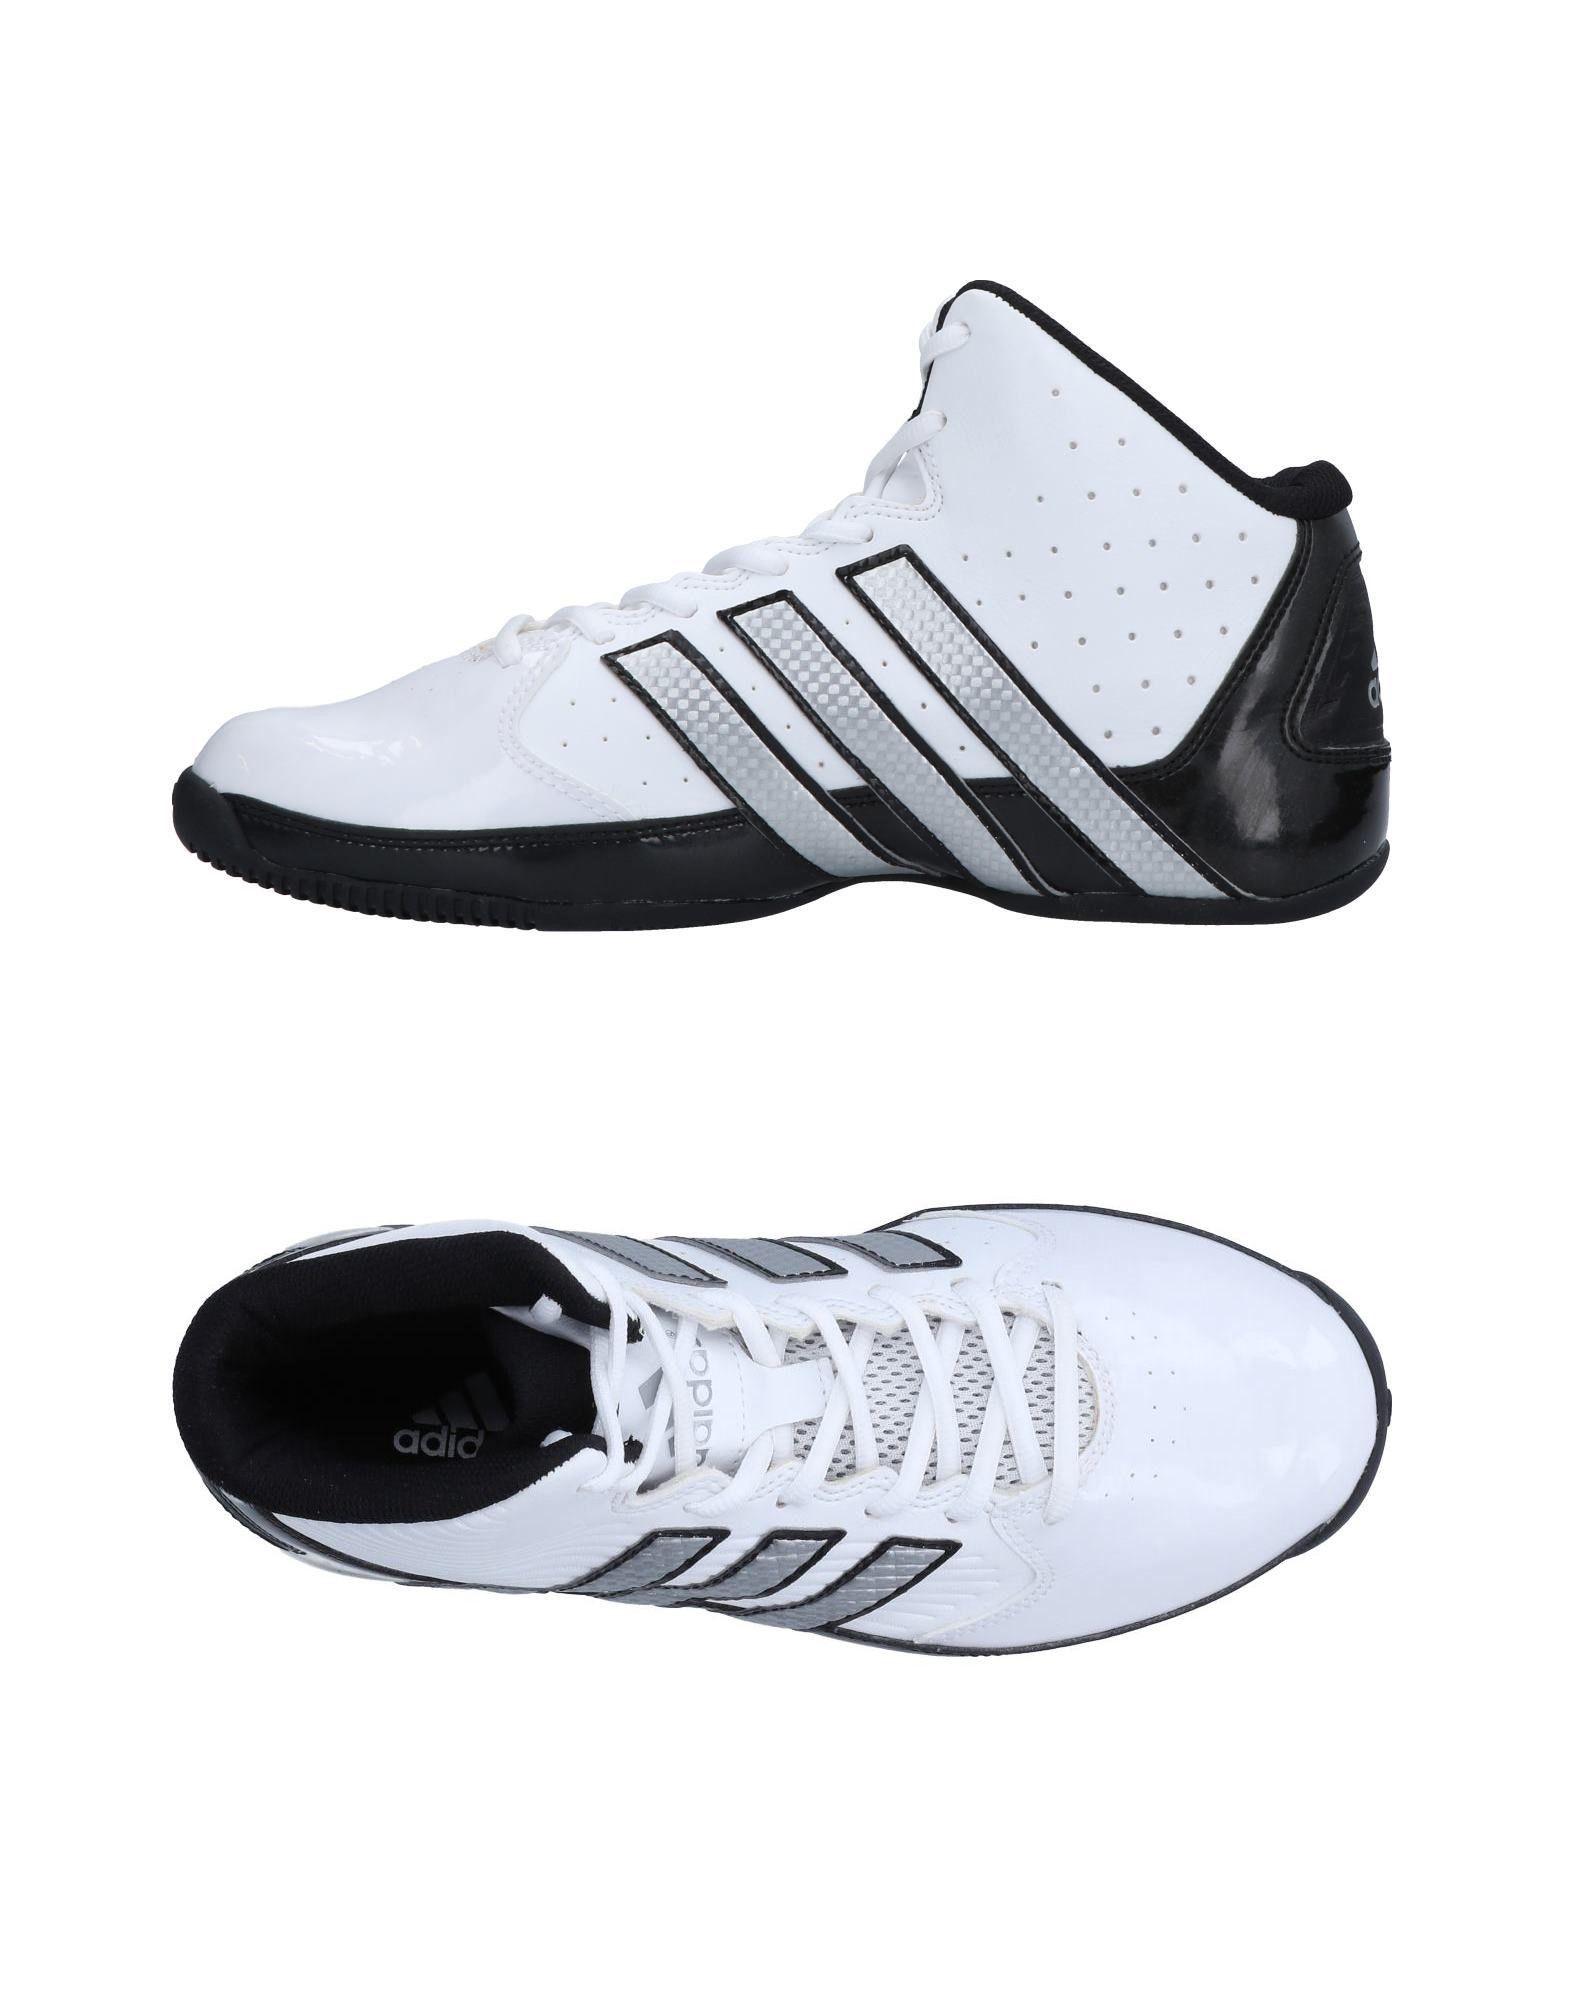 ADIDAS Высокие кеды и кроссовки кроссовки adidas 2013 g96879